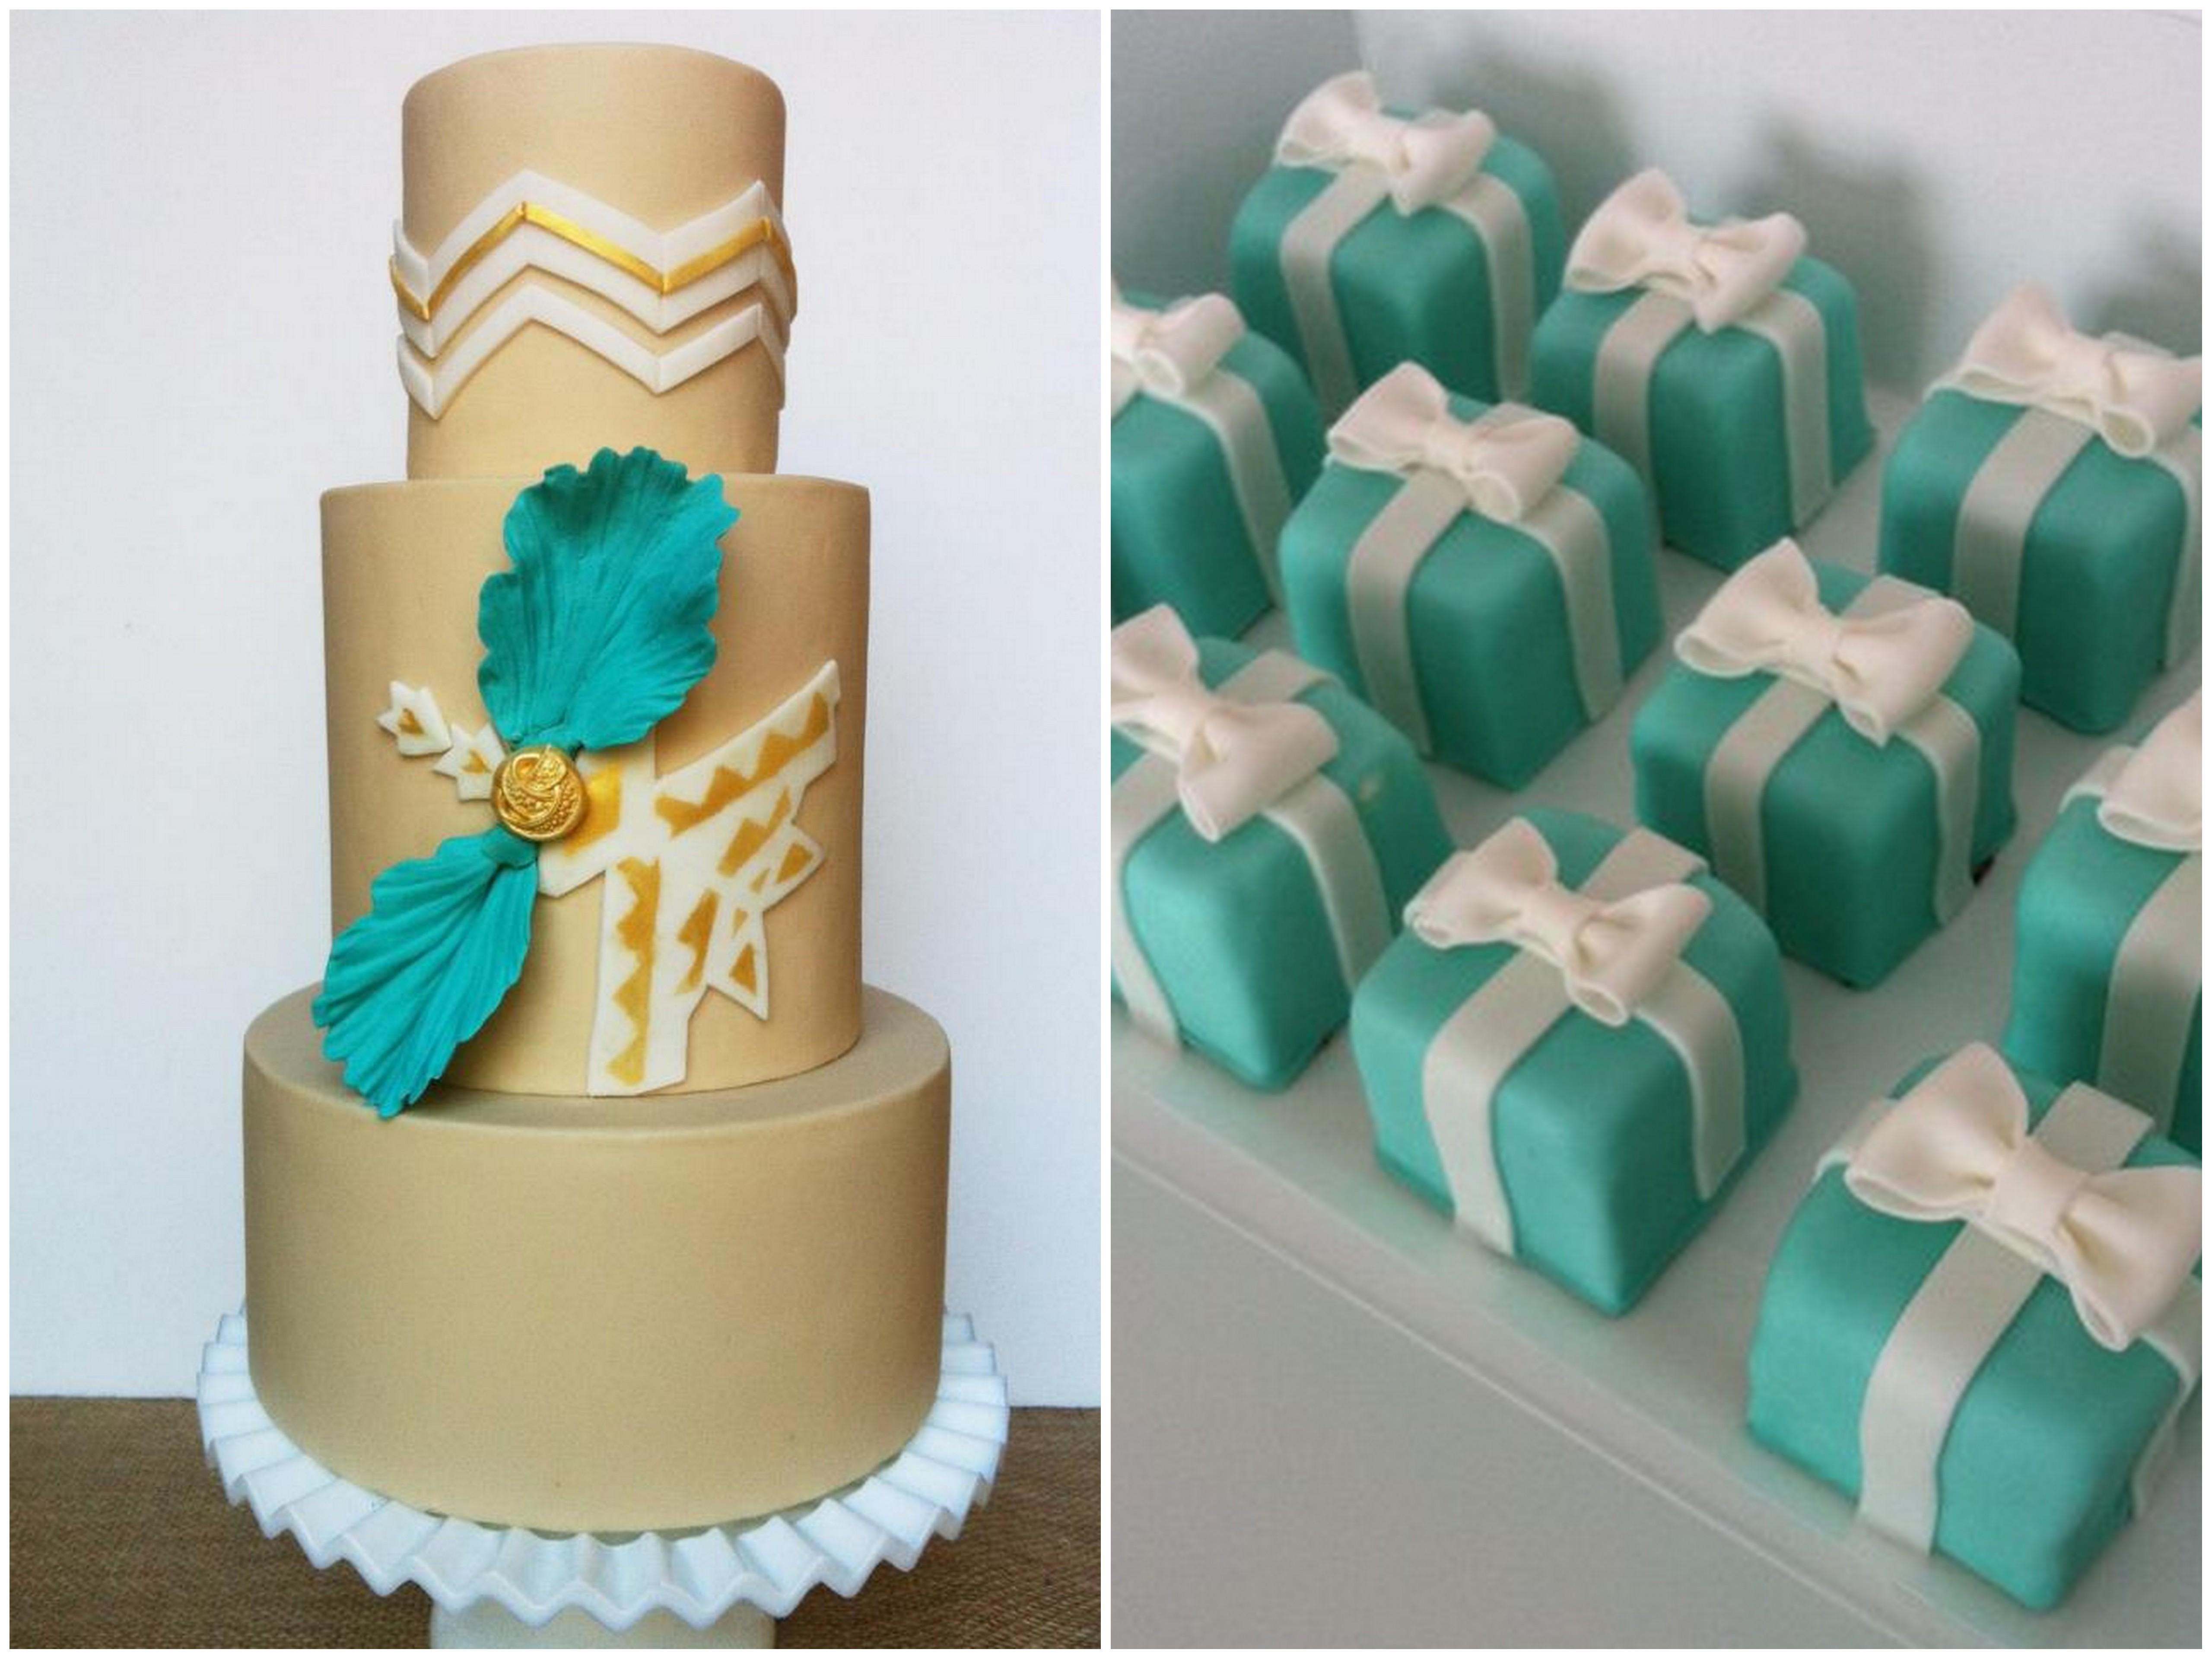 10 Tiffany Box Cupcakes Photo - Tiffany Blue Cake and Cupcakes ... 6e22009d5